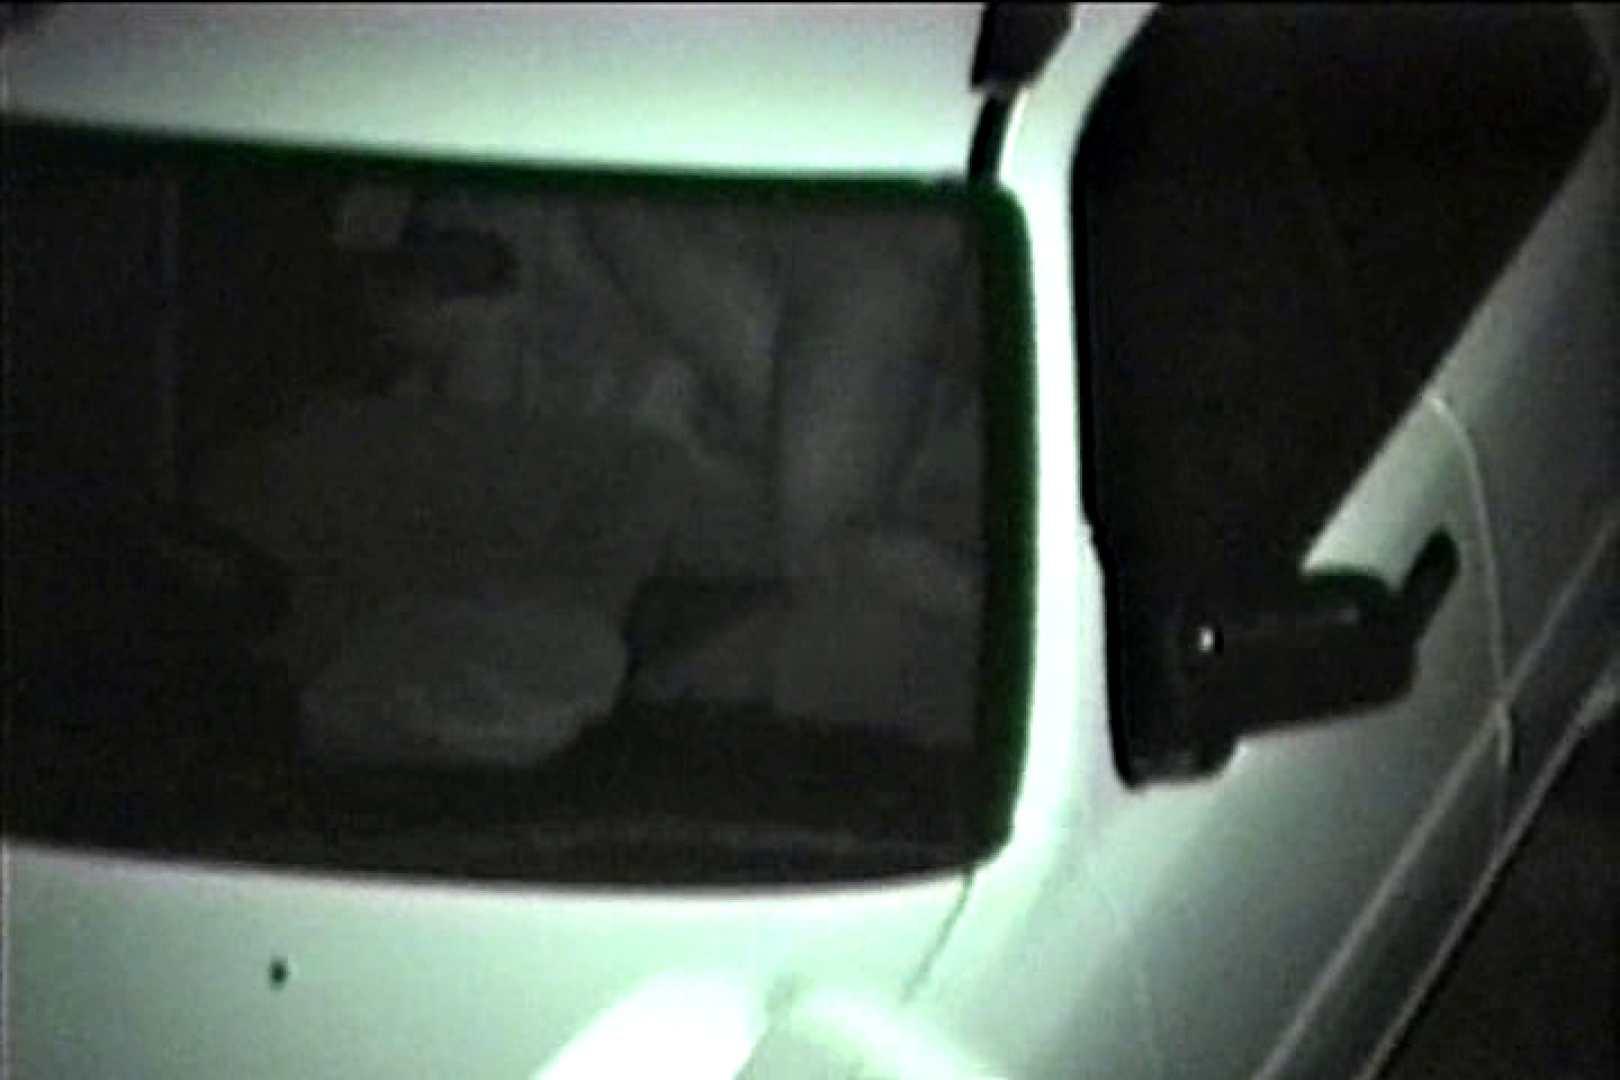 車の中はラブホテル 無修正版  Vol.7 ラブホテル隠し撮り われめAV動画紹介 84pic 47